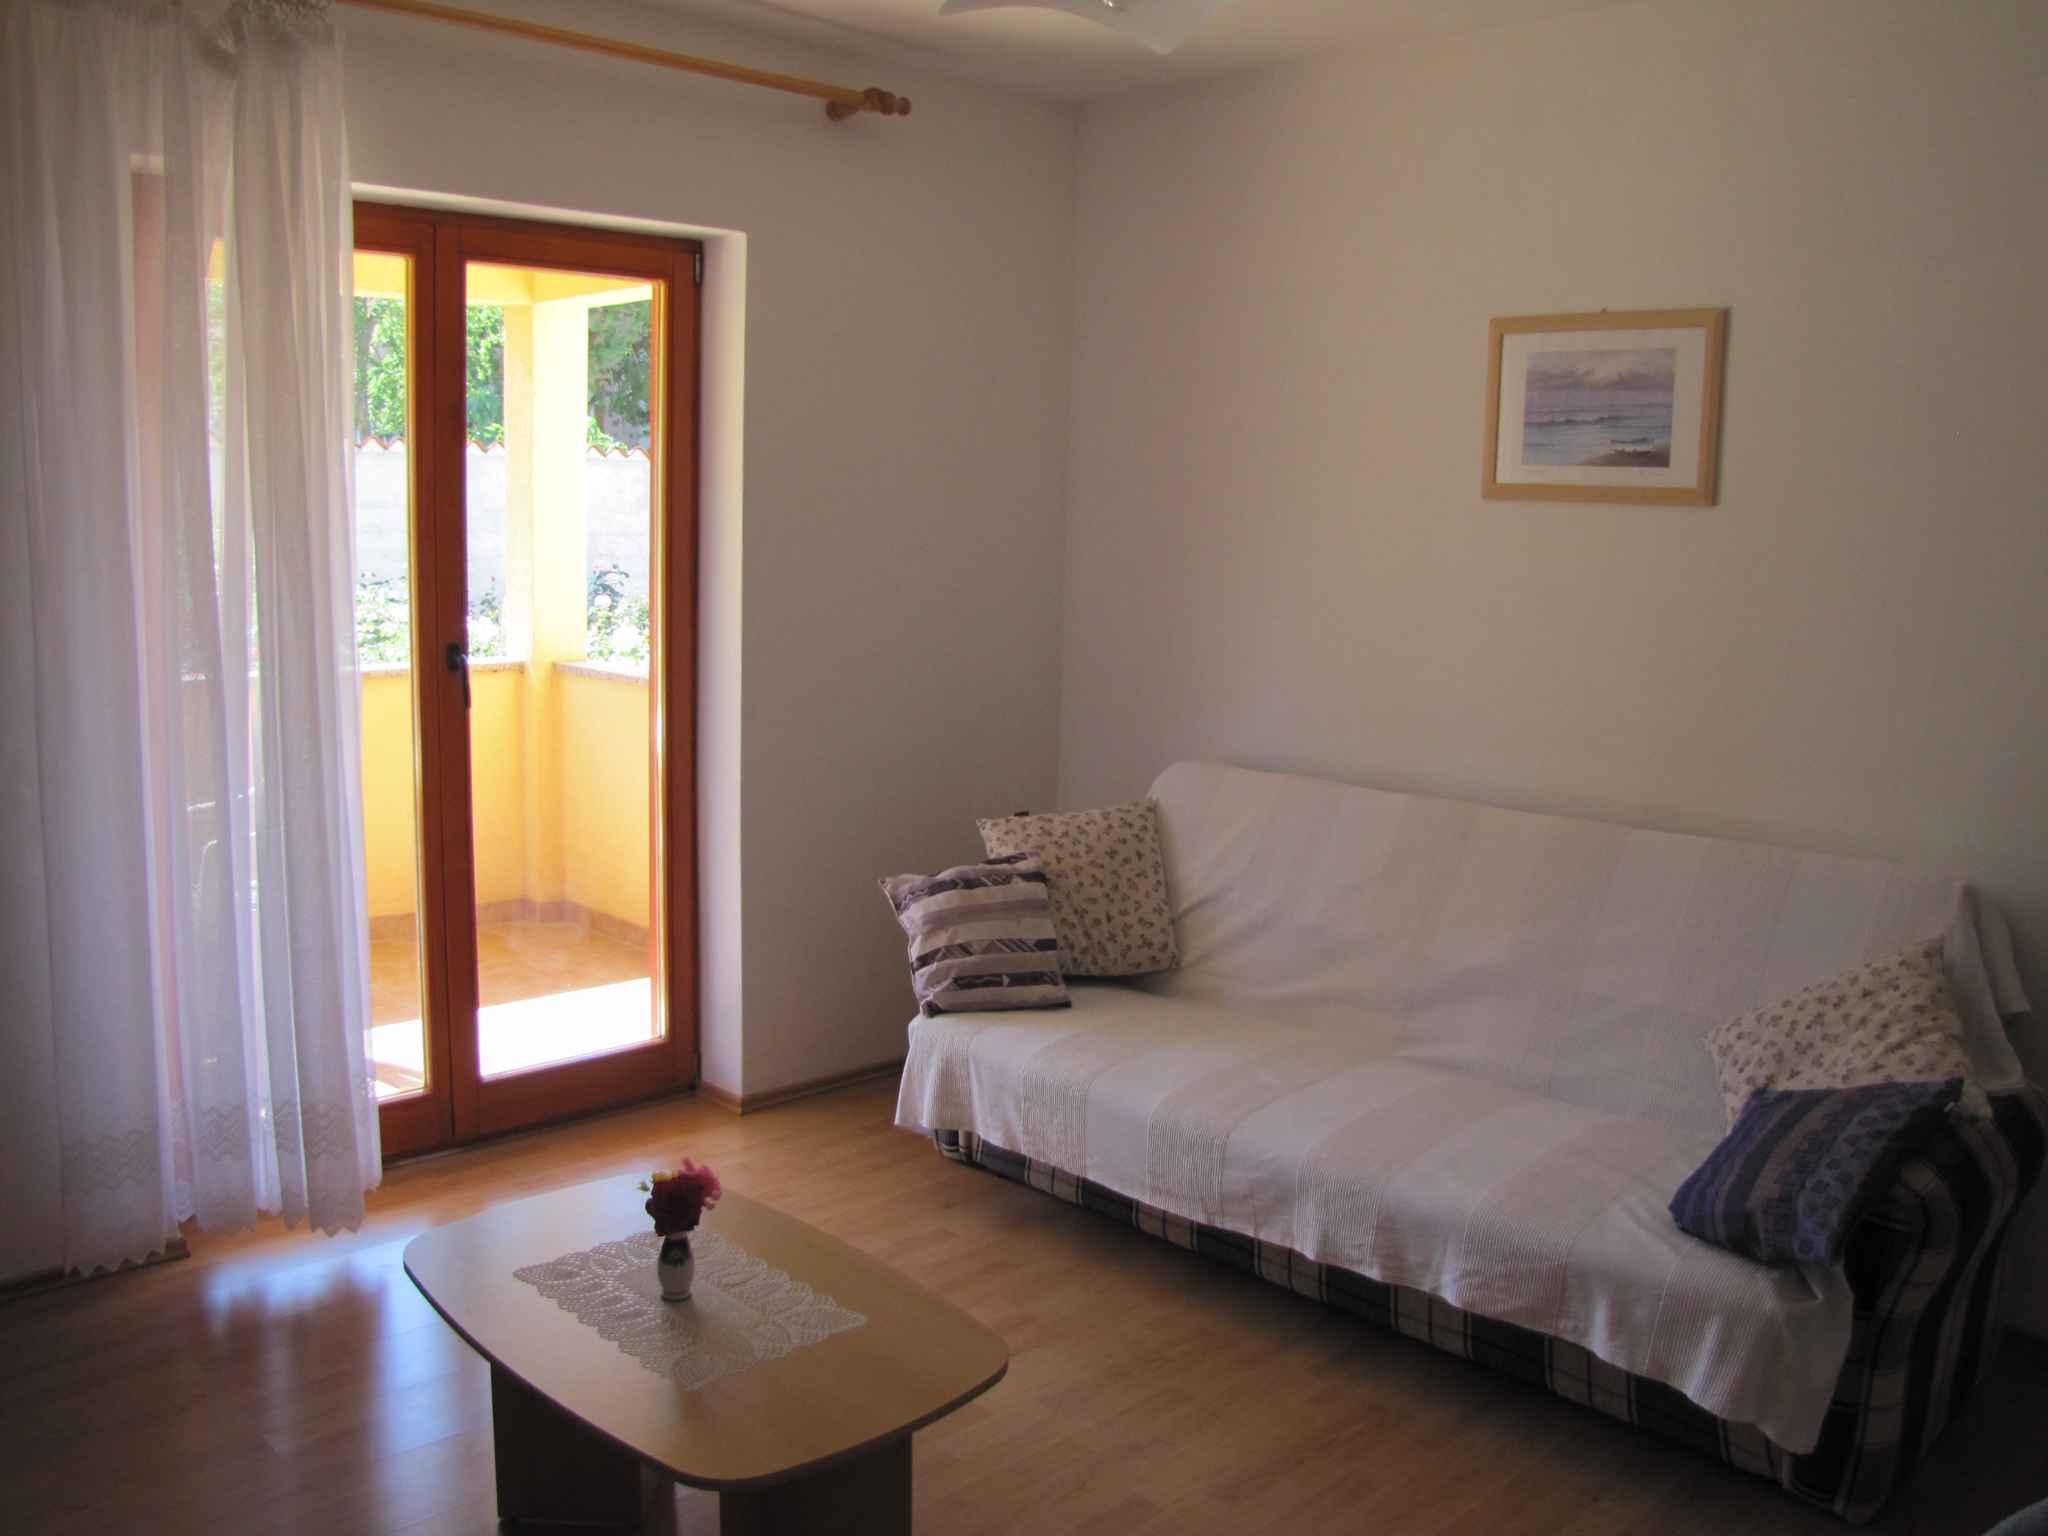 Ferienwohnung mit SAT-TV in ruhiger Lage (280672), Pula, , Istrien, Kroatien, Bild 15